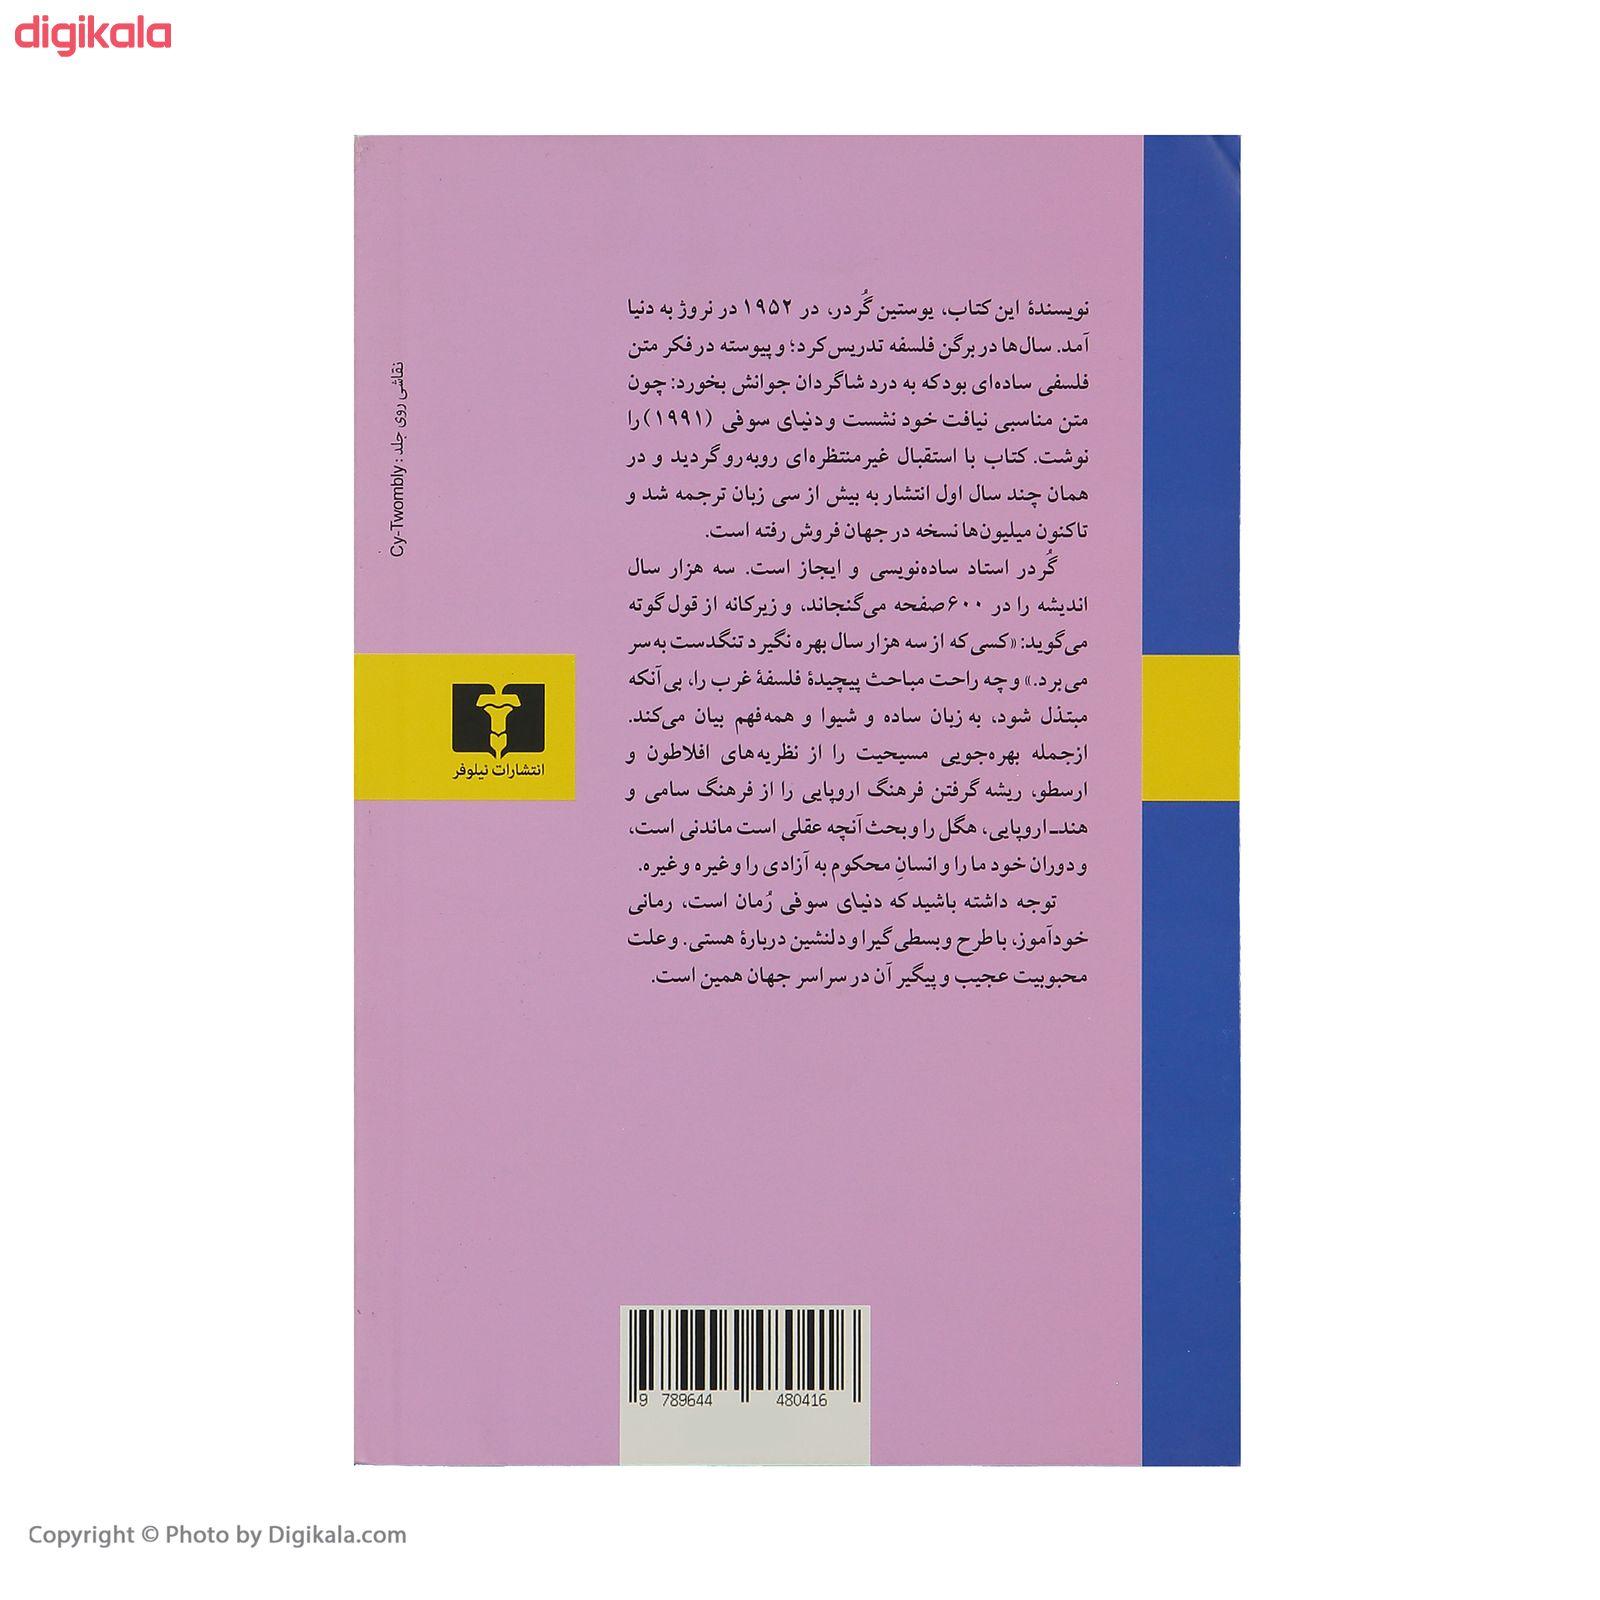 کتاب دنیای سوفی اثر یوستین گردر انتشارات نیلوفر چاپ بیست و سوم  main 1 2